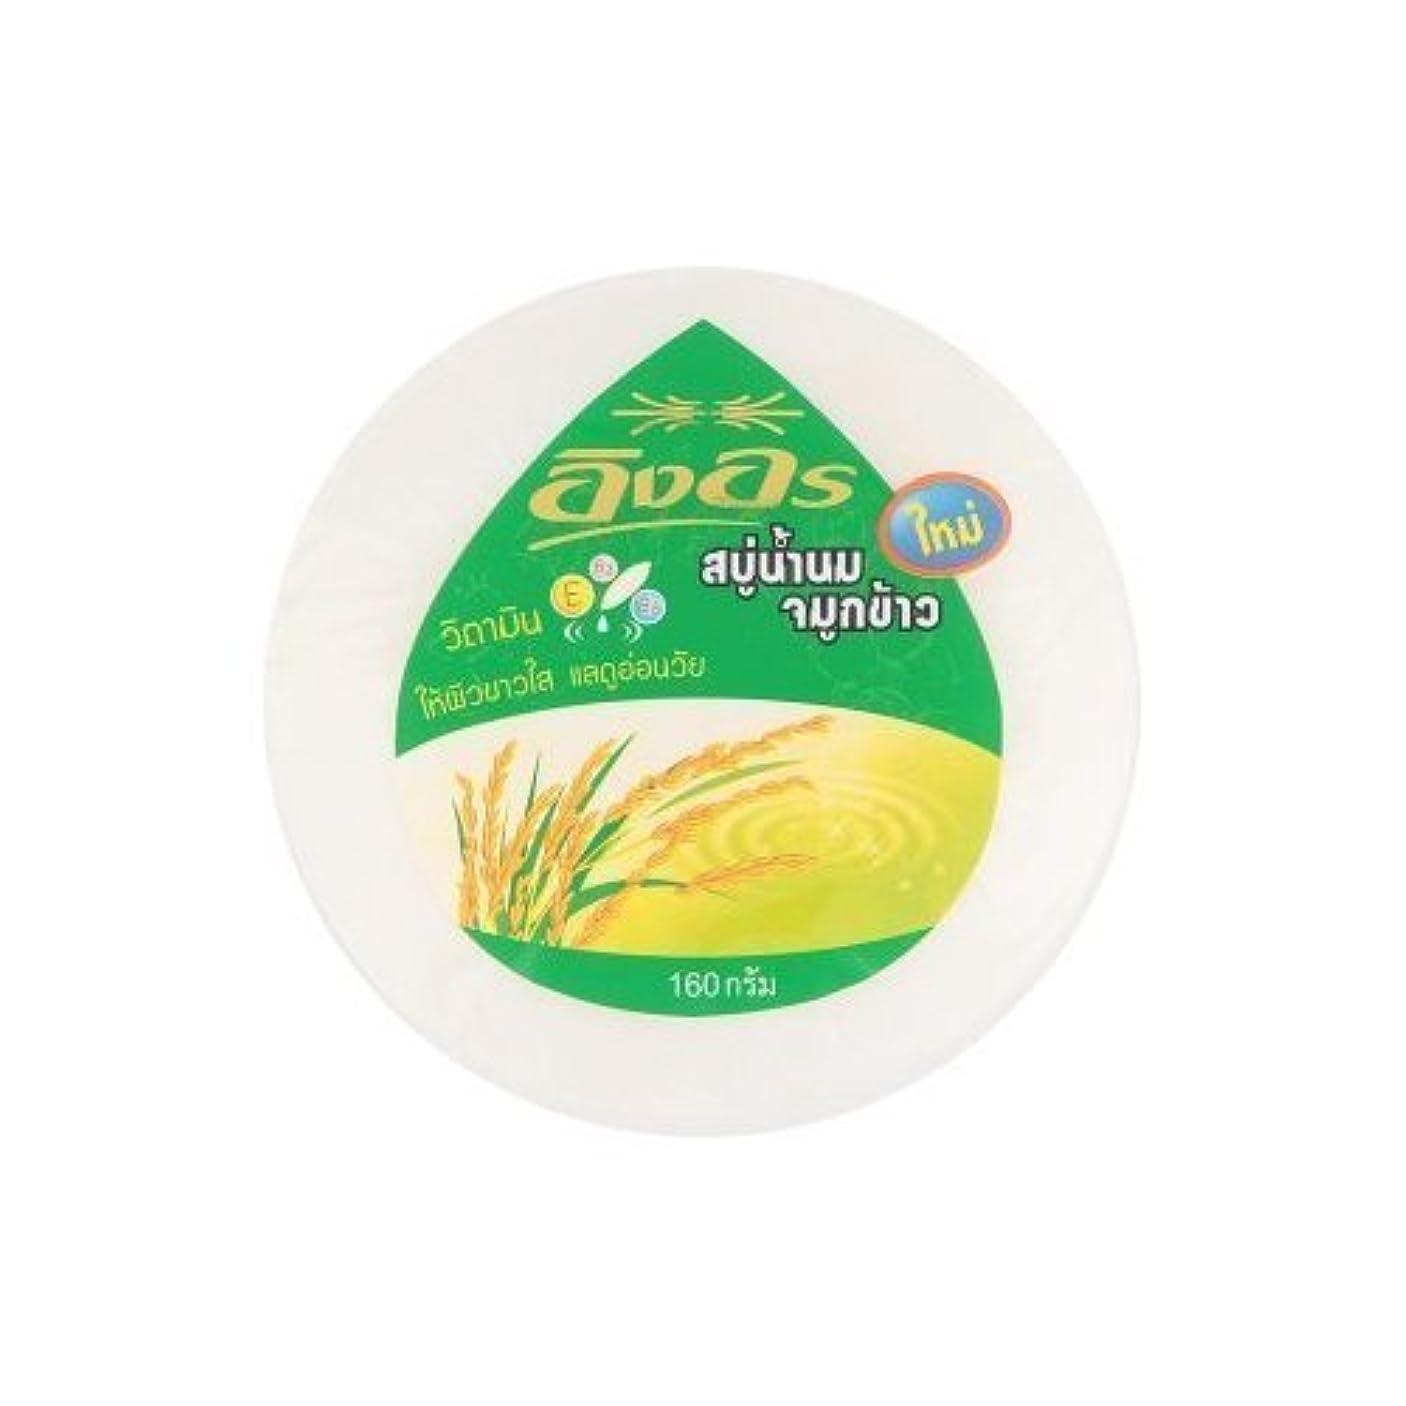 スピーカー実行スムーズにNi Yom Thai shop Ing on : Wheat Germ Milk Herbal Soap Bar 5.64 Oz. Made in Thailand